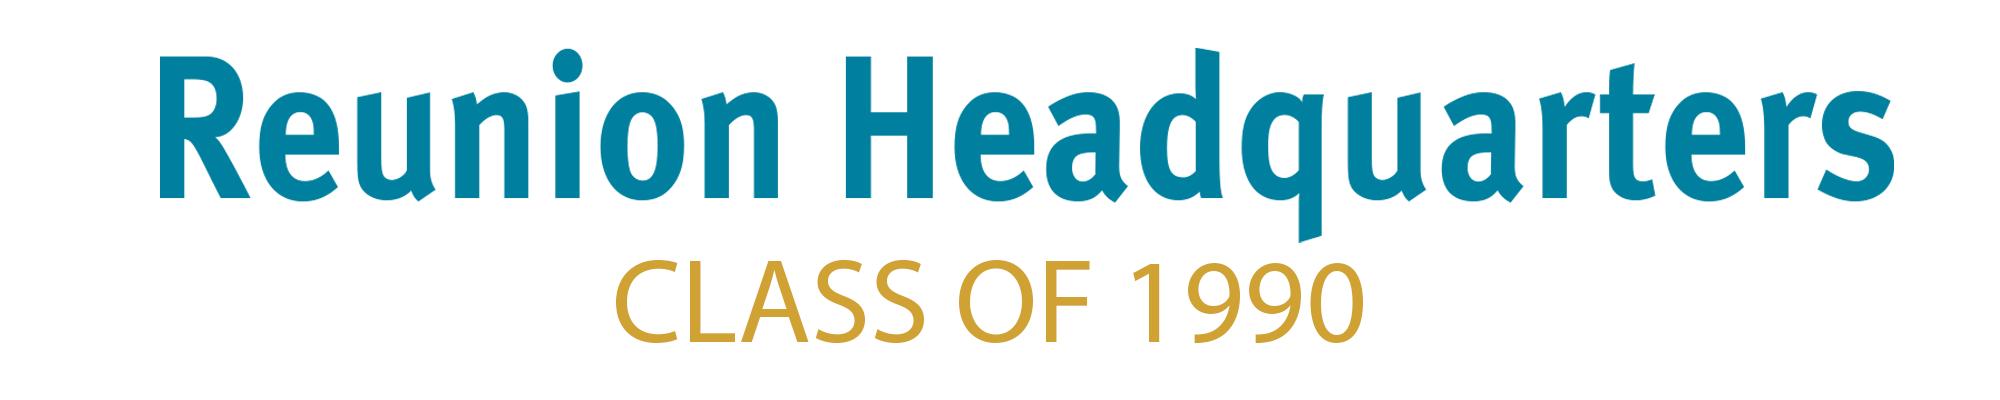 Class of 1990 Header